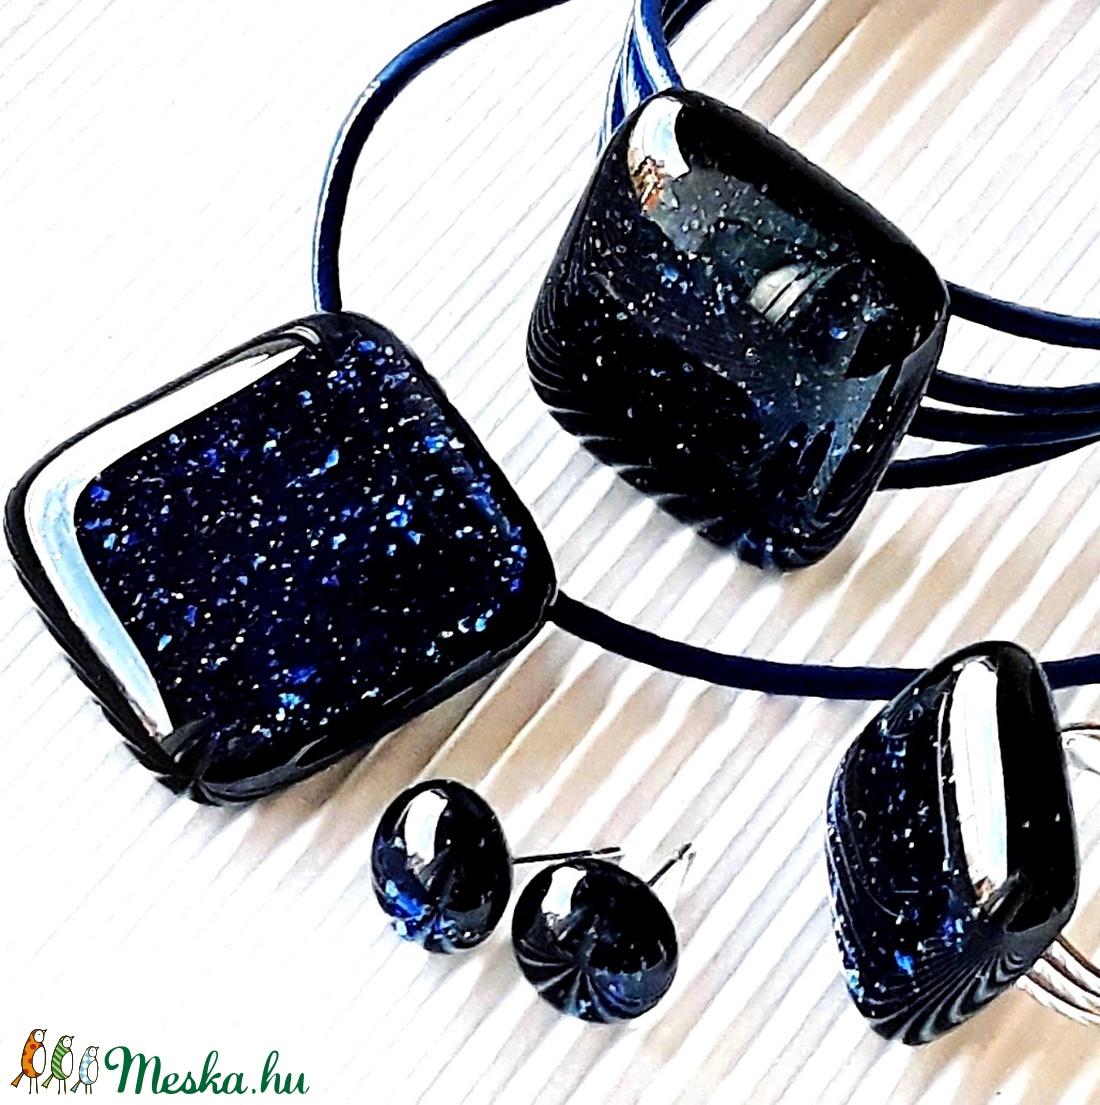 Csillagfényes éjszaka sötétkék üveg medál, karkötő, gyűrű és fülbevaló orvosi fém bedugón, üvegékszer szett - ékszer - ékszerszett - Meska.hu